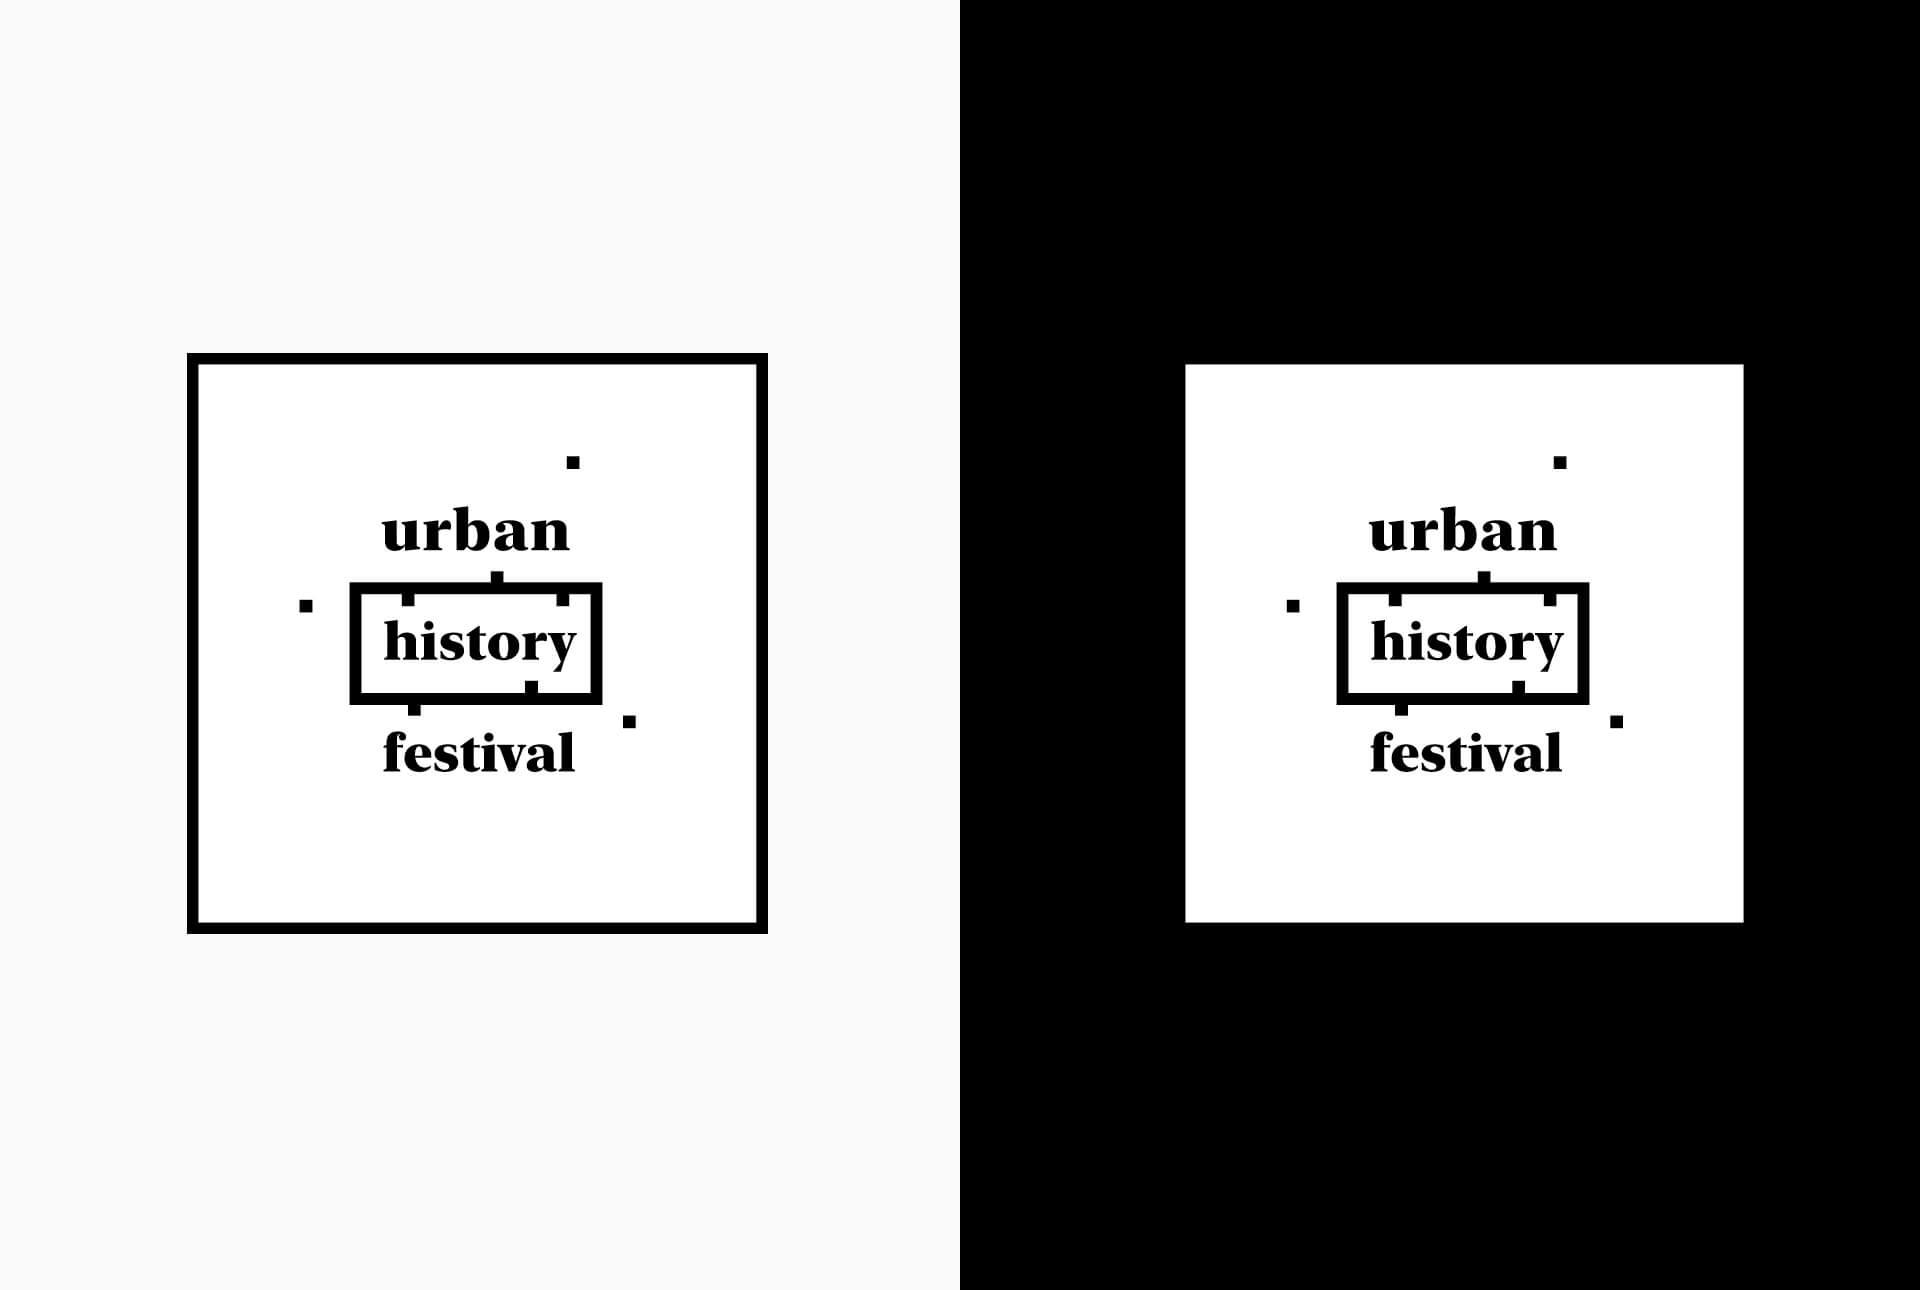 Développement du logo de l'Urban History Festival à partir d'une carte vue d'en haut